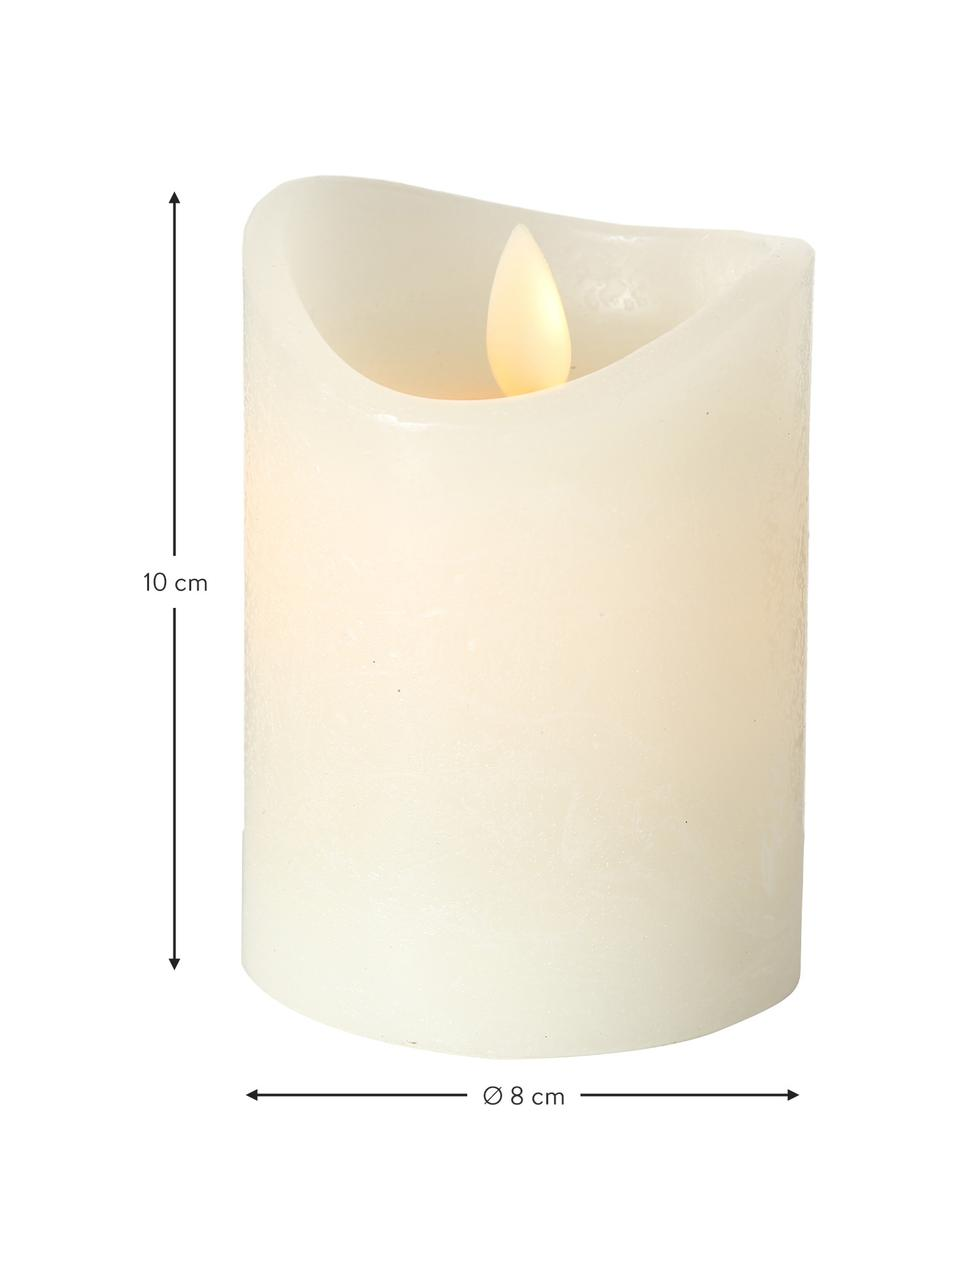 Candela a LED Bino, Color crema, Ø 8 x Alt. 10 cm